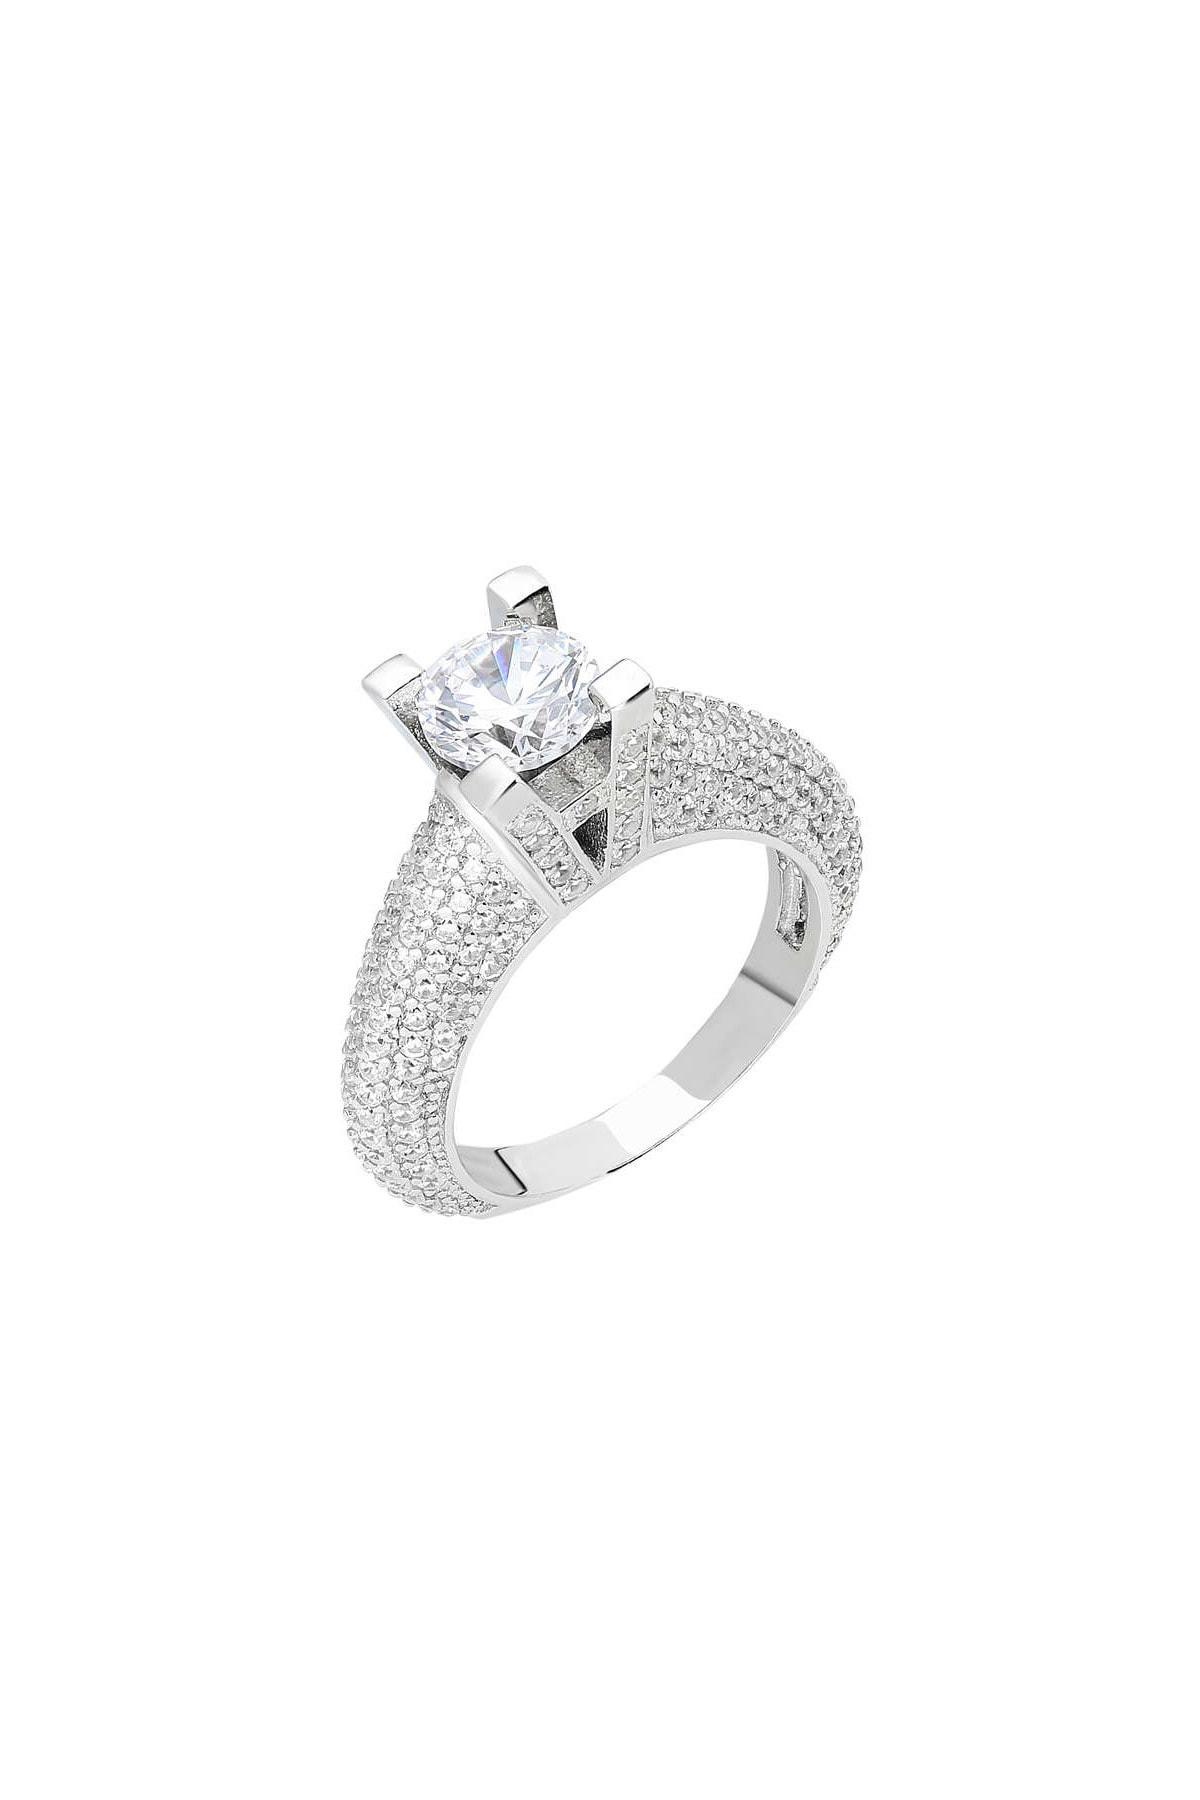 Tesbihane Starlight Diamond Pırlanta Montür Avangarde 925 Ayar Gümüş Bayan Tektaş Yüzük 102001803 3